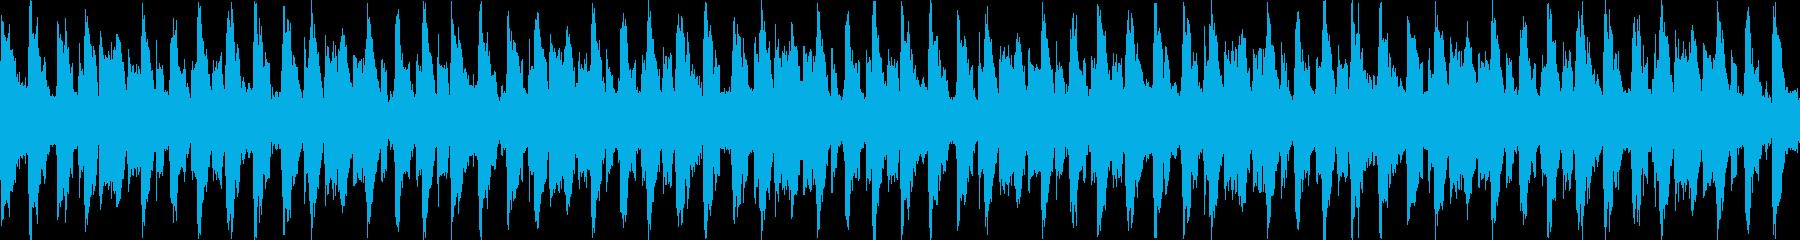 明るい穏やかなポップミュージックの再生済みの波形